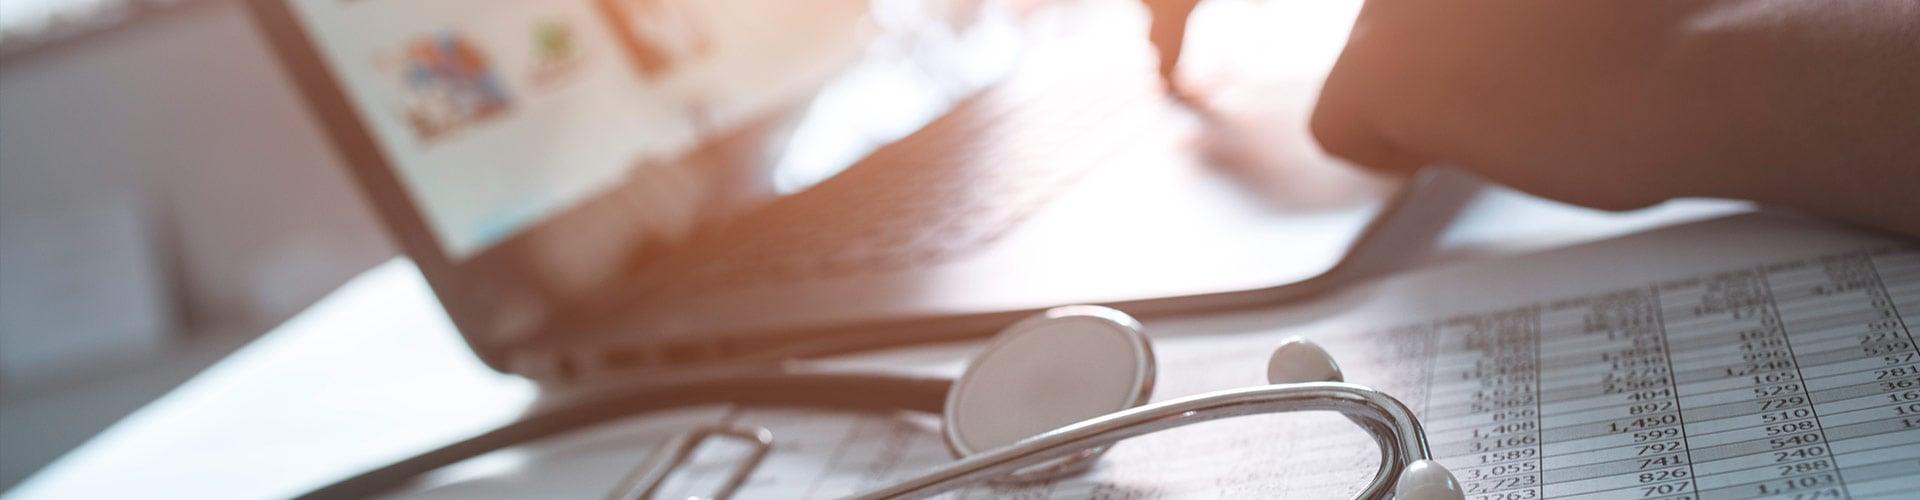 beschaffungsmanagement-medizin